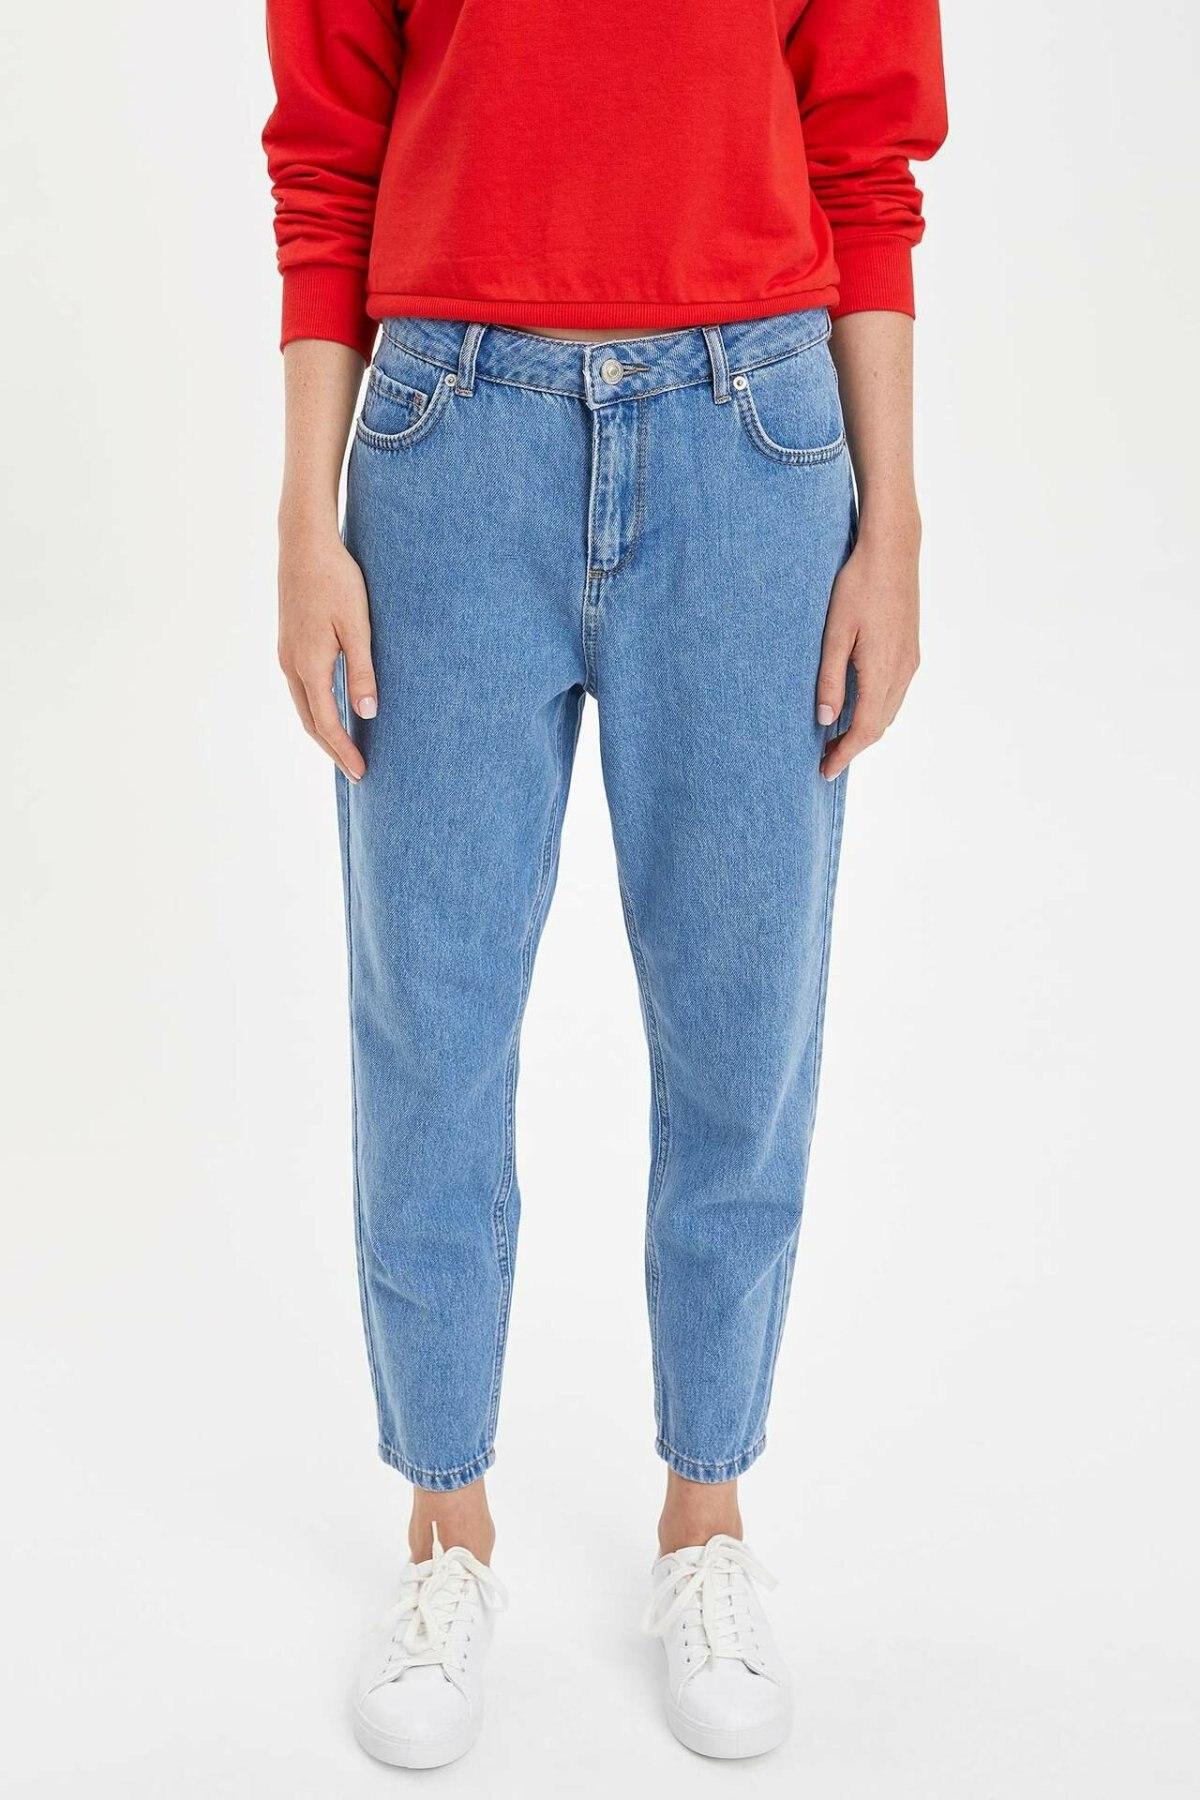 DeFacto Woman Fashion Trousers Female Denim Crops Loose Jeans High Quality Loose Pants Blue - K9063AZ19AU